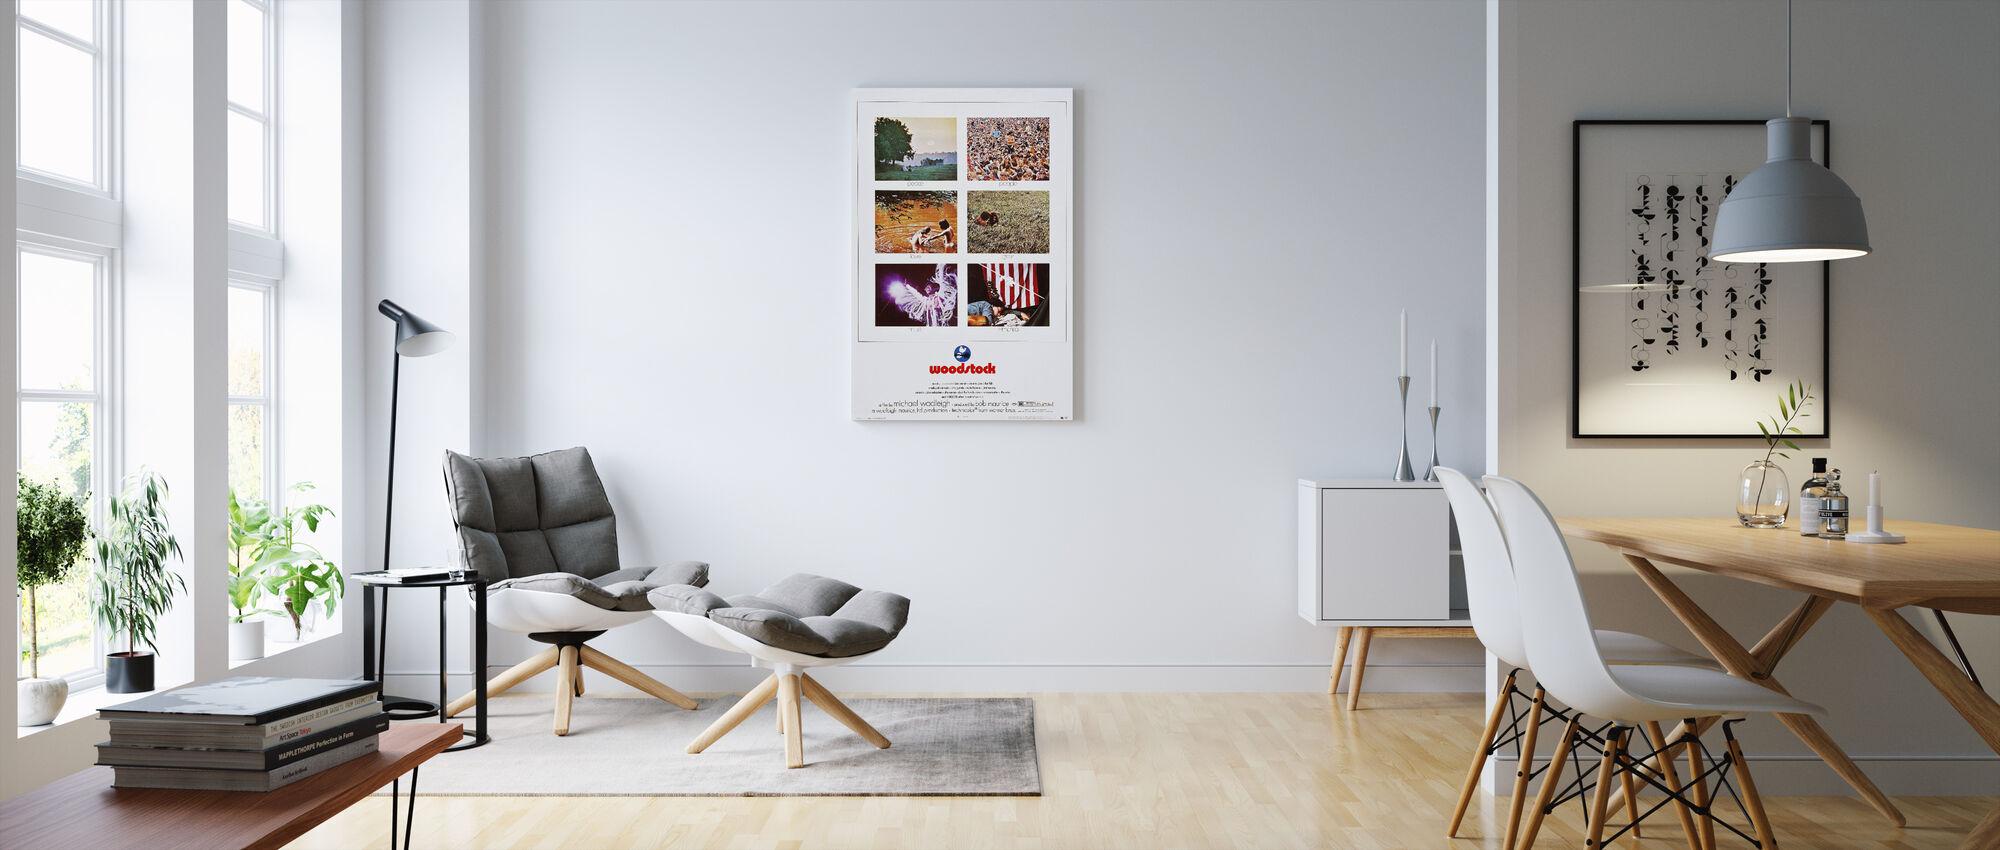 woodstock photo movie poster commandez votre impression sur toile en ligne photowall. Black Bedroom Furniture Sets. Home Design Ideas